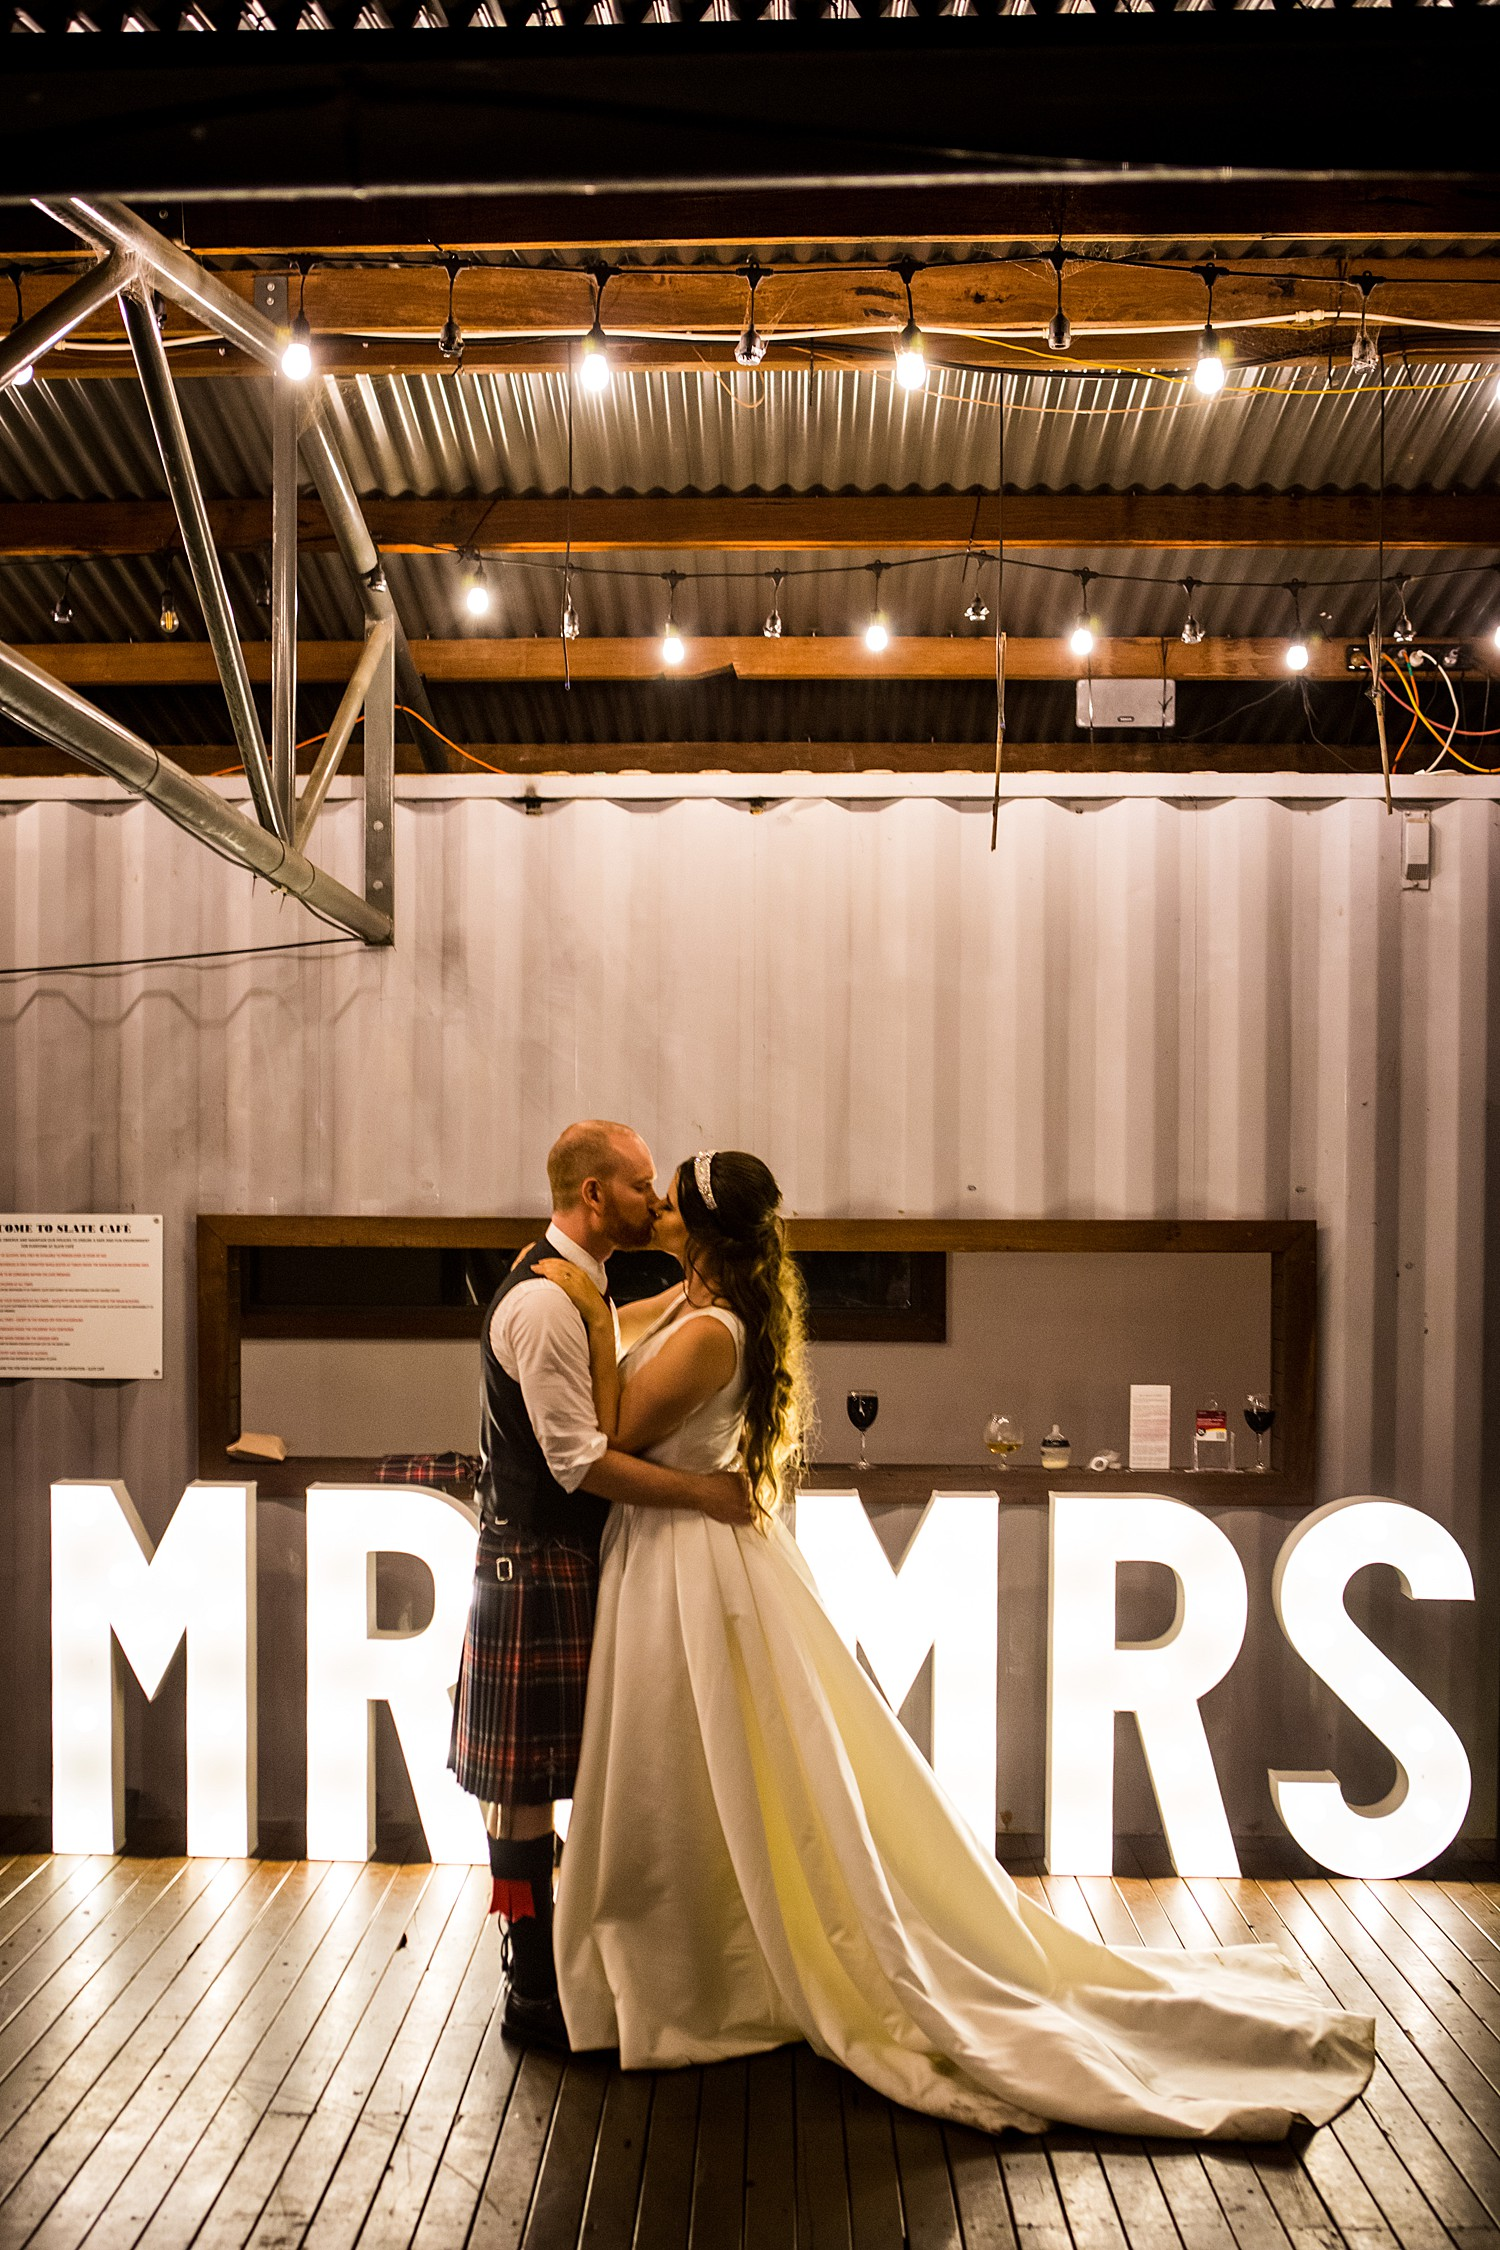 perth_swan_valley_scottish_rainy_wedding_0165.jpg